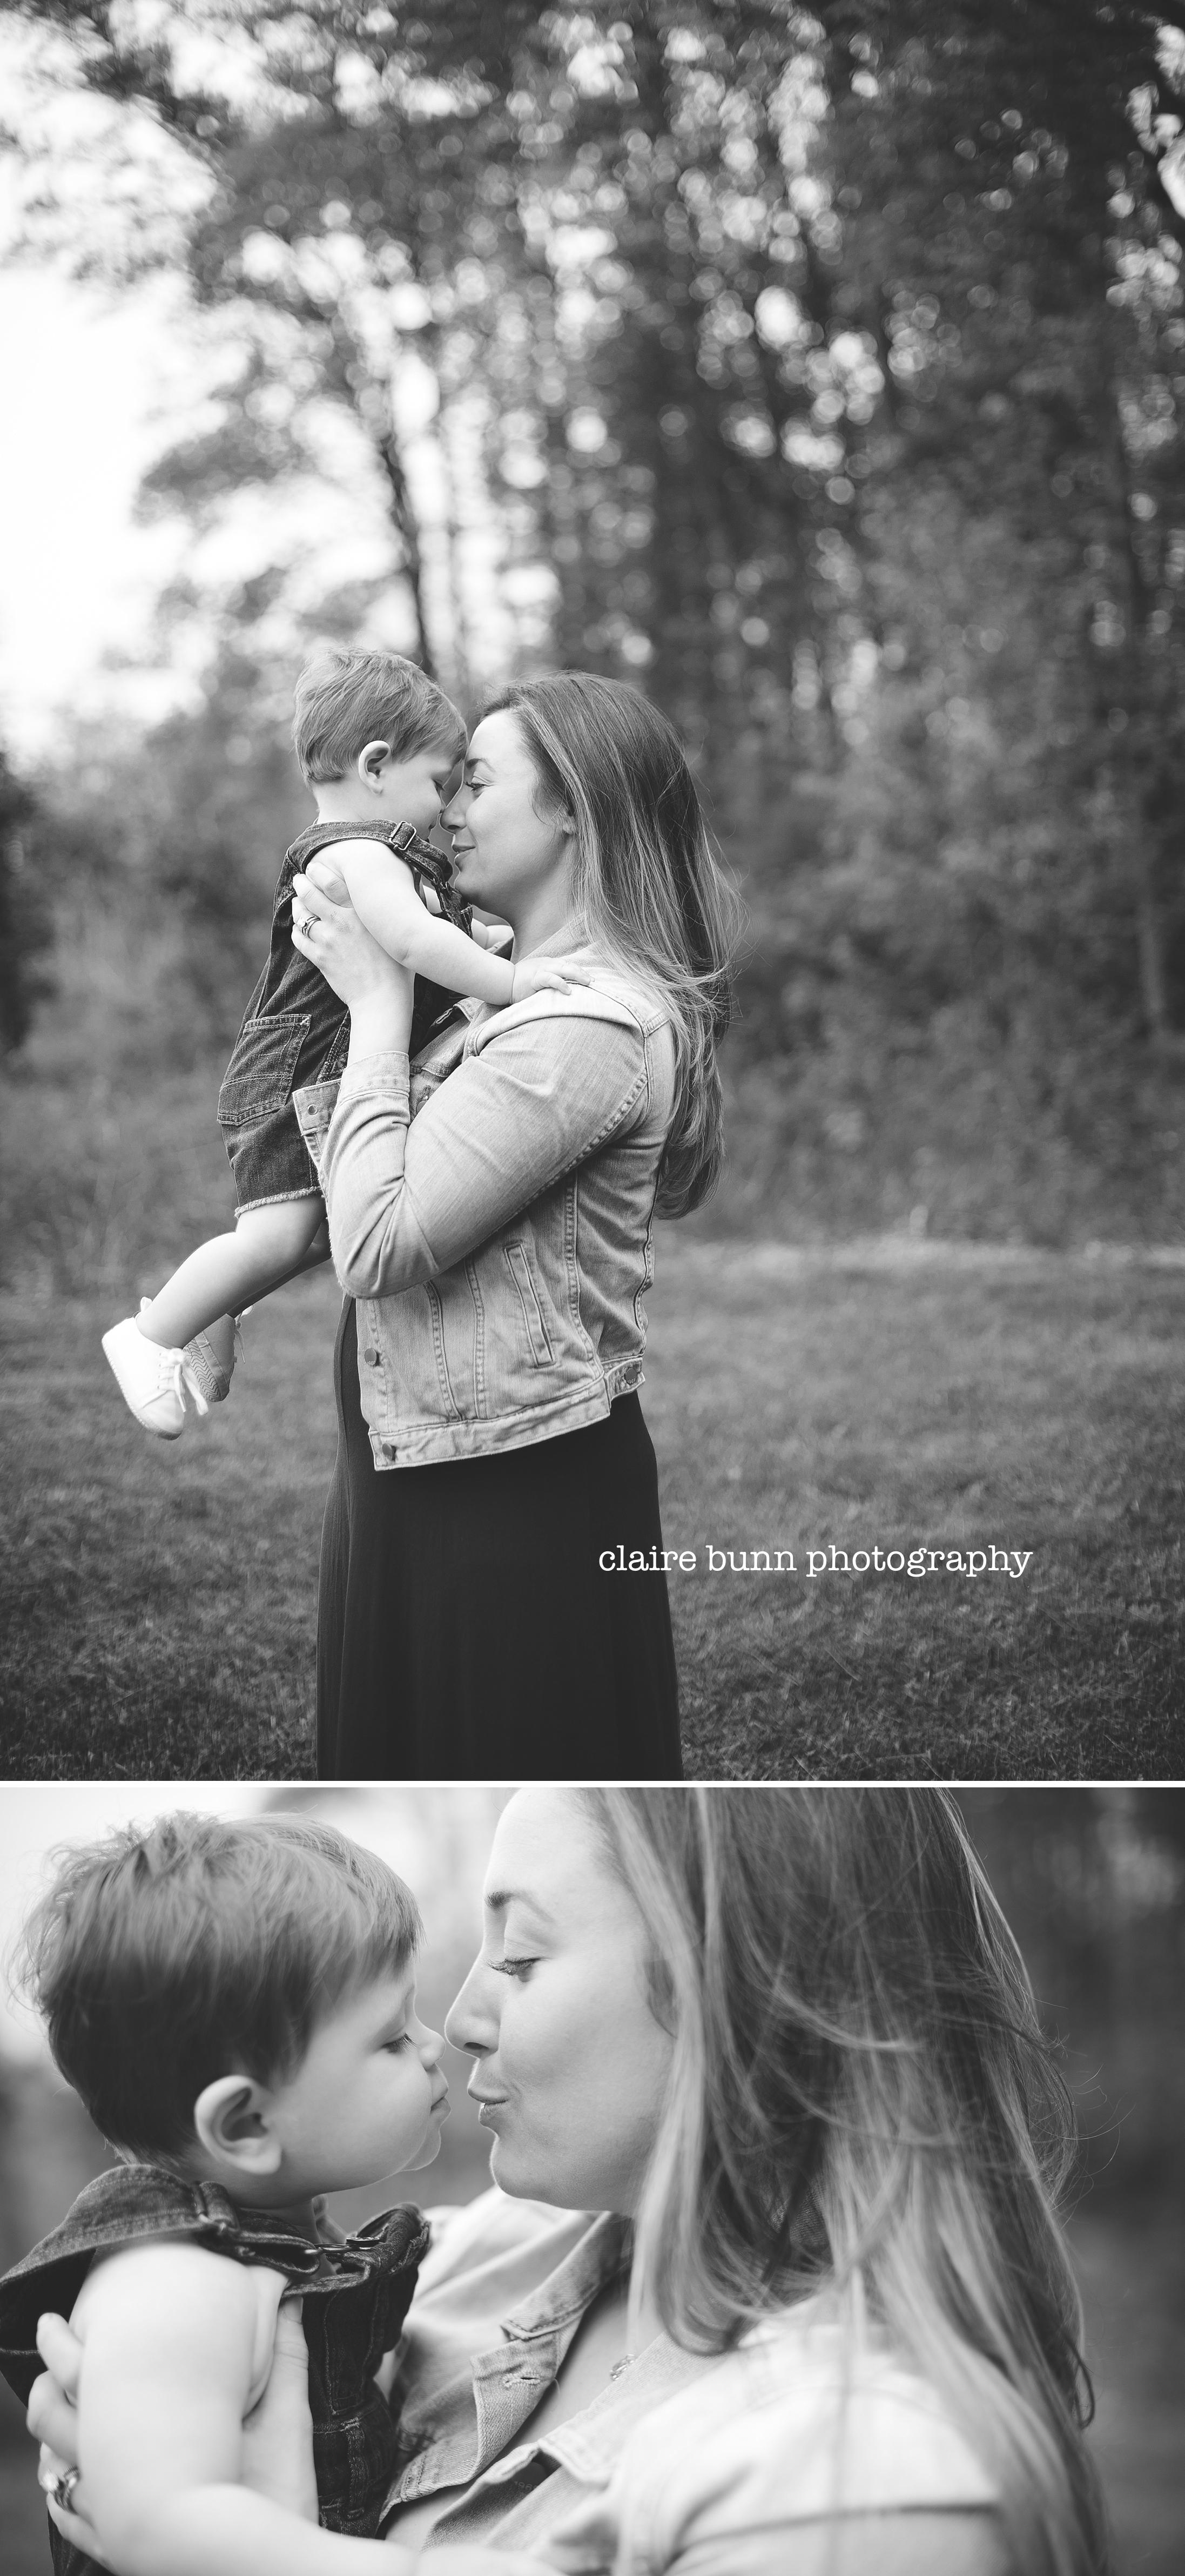 philadelphia-family-photographer-_-claire-bunn-photography4